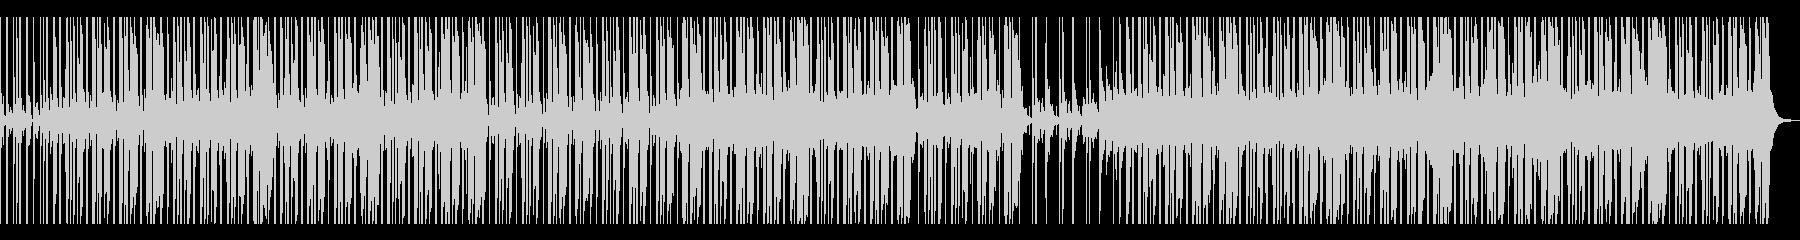 【短いVer8】スローファンクロックの未再生の波形